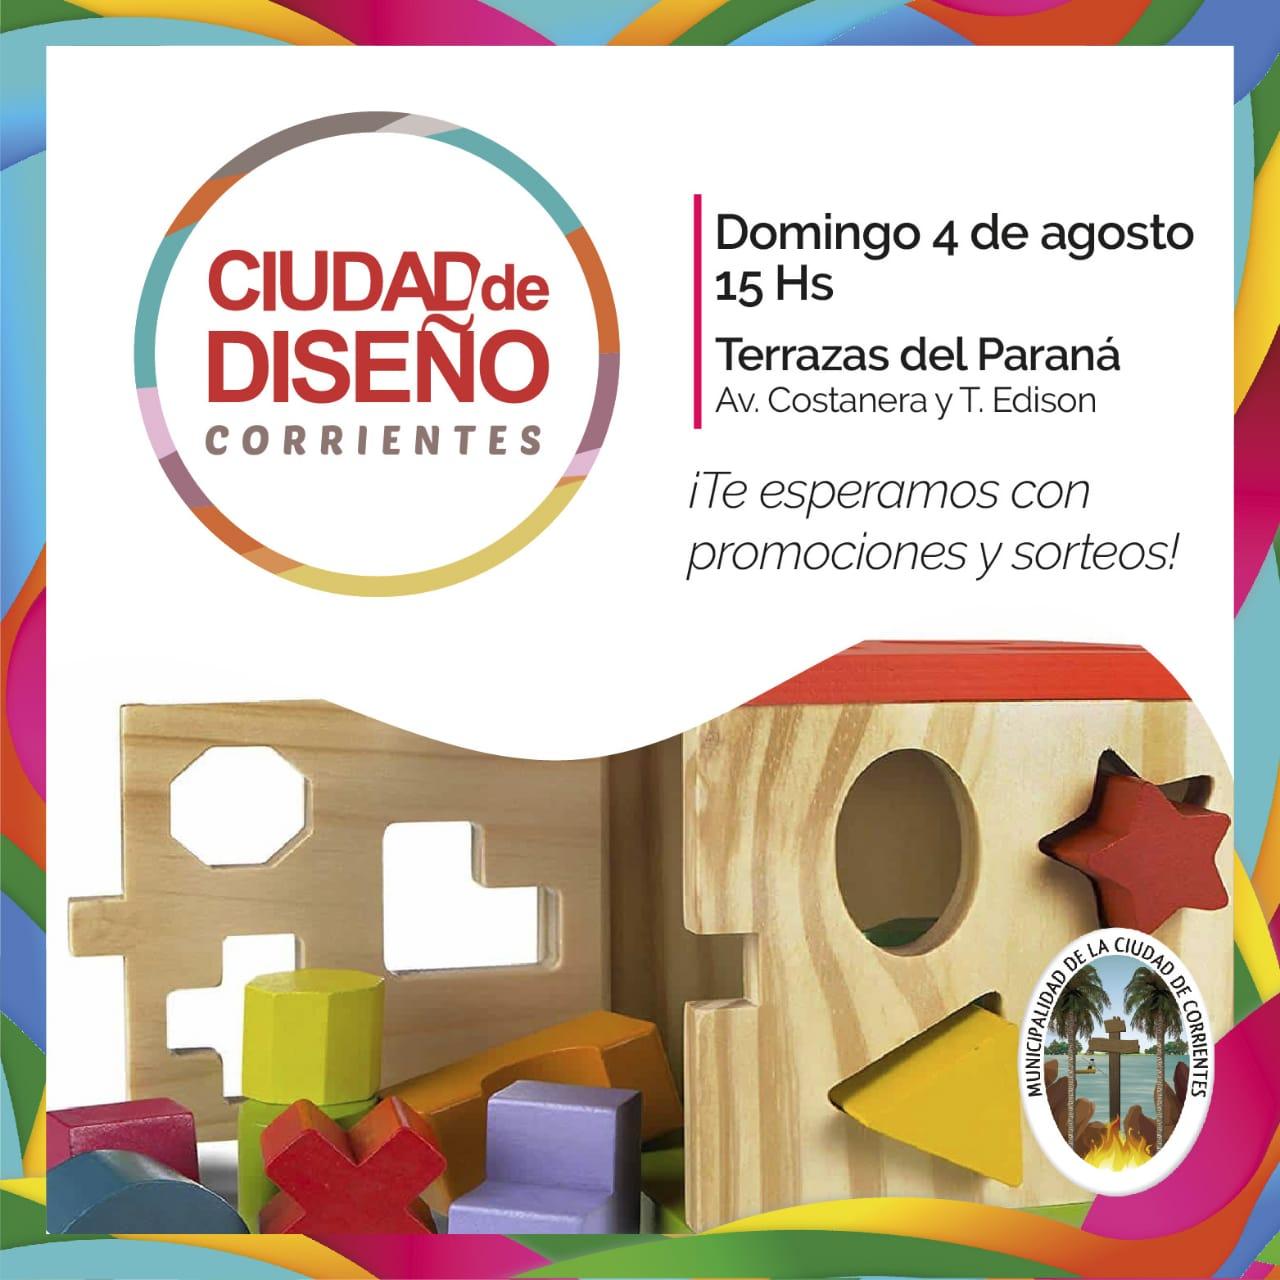 Ciudad Diseño celebra el Mes del Niño con interesantes promociones y sorteos